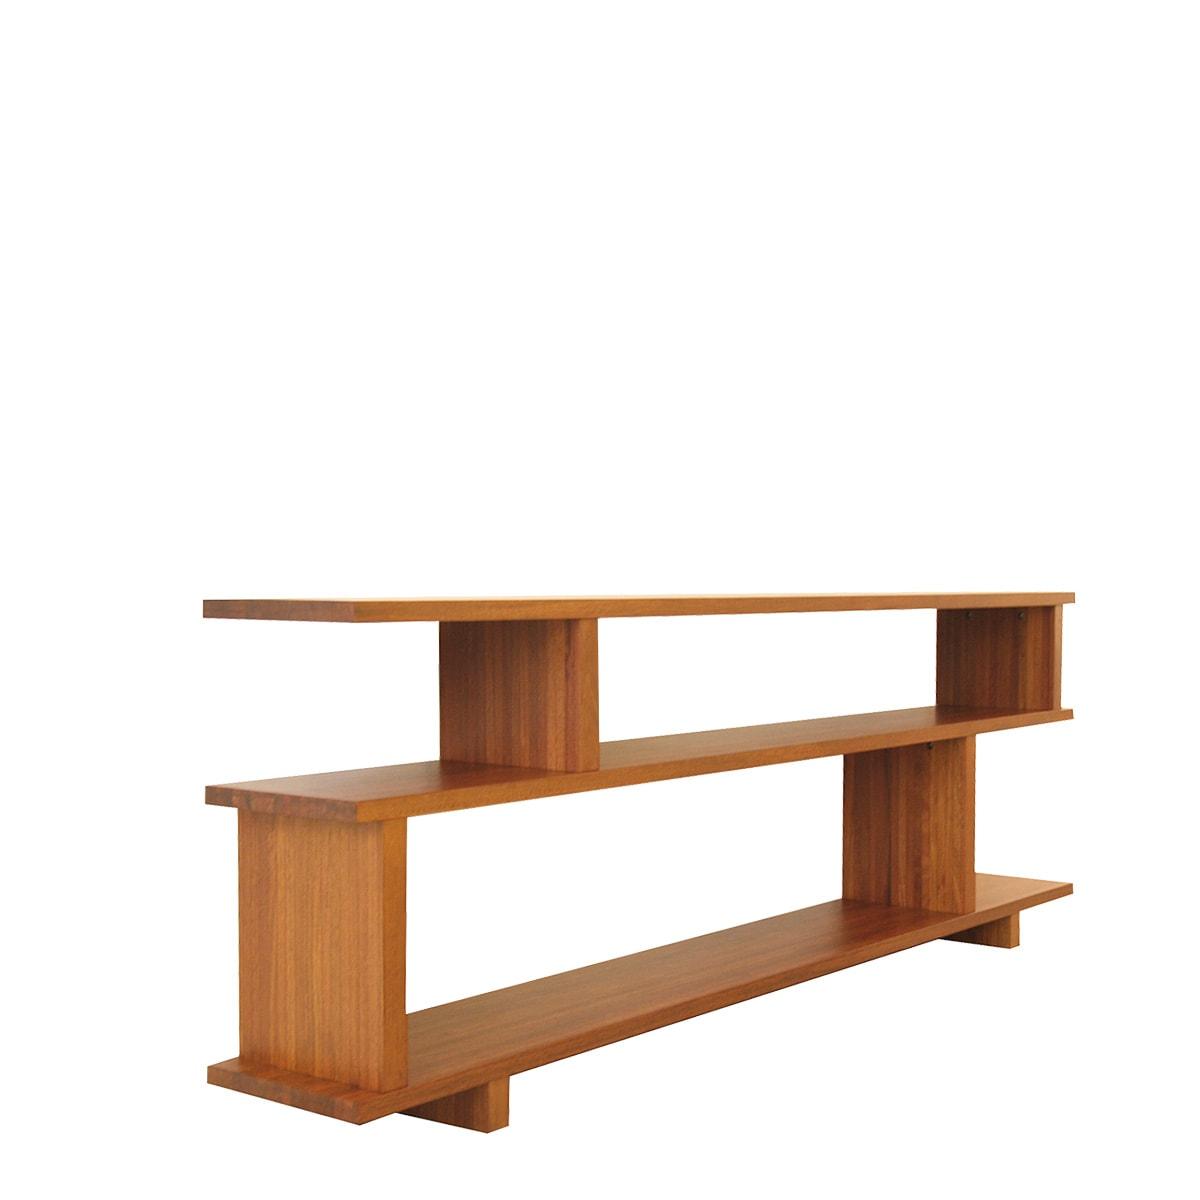 estante estante para livros 06.jpg #7B4123 1200x1200